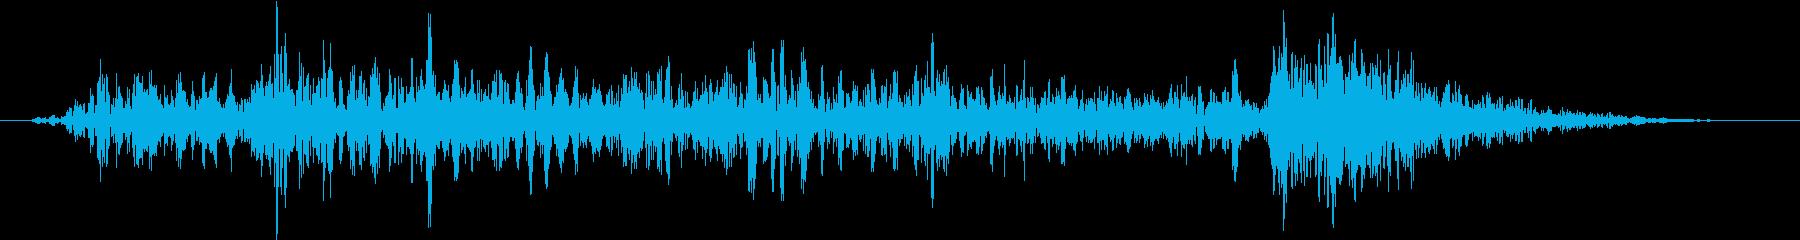 中世 ゲートストーンミディアムクロ...の再生済みの波形